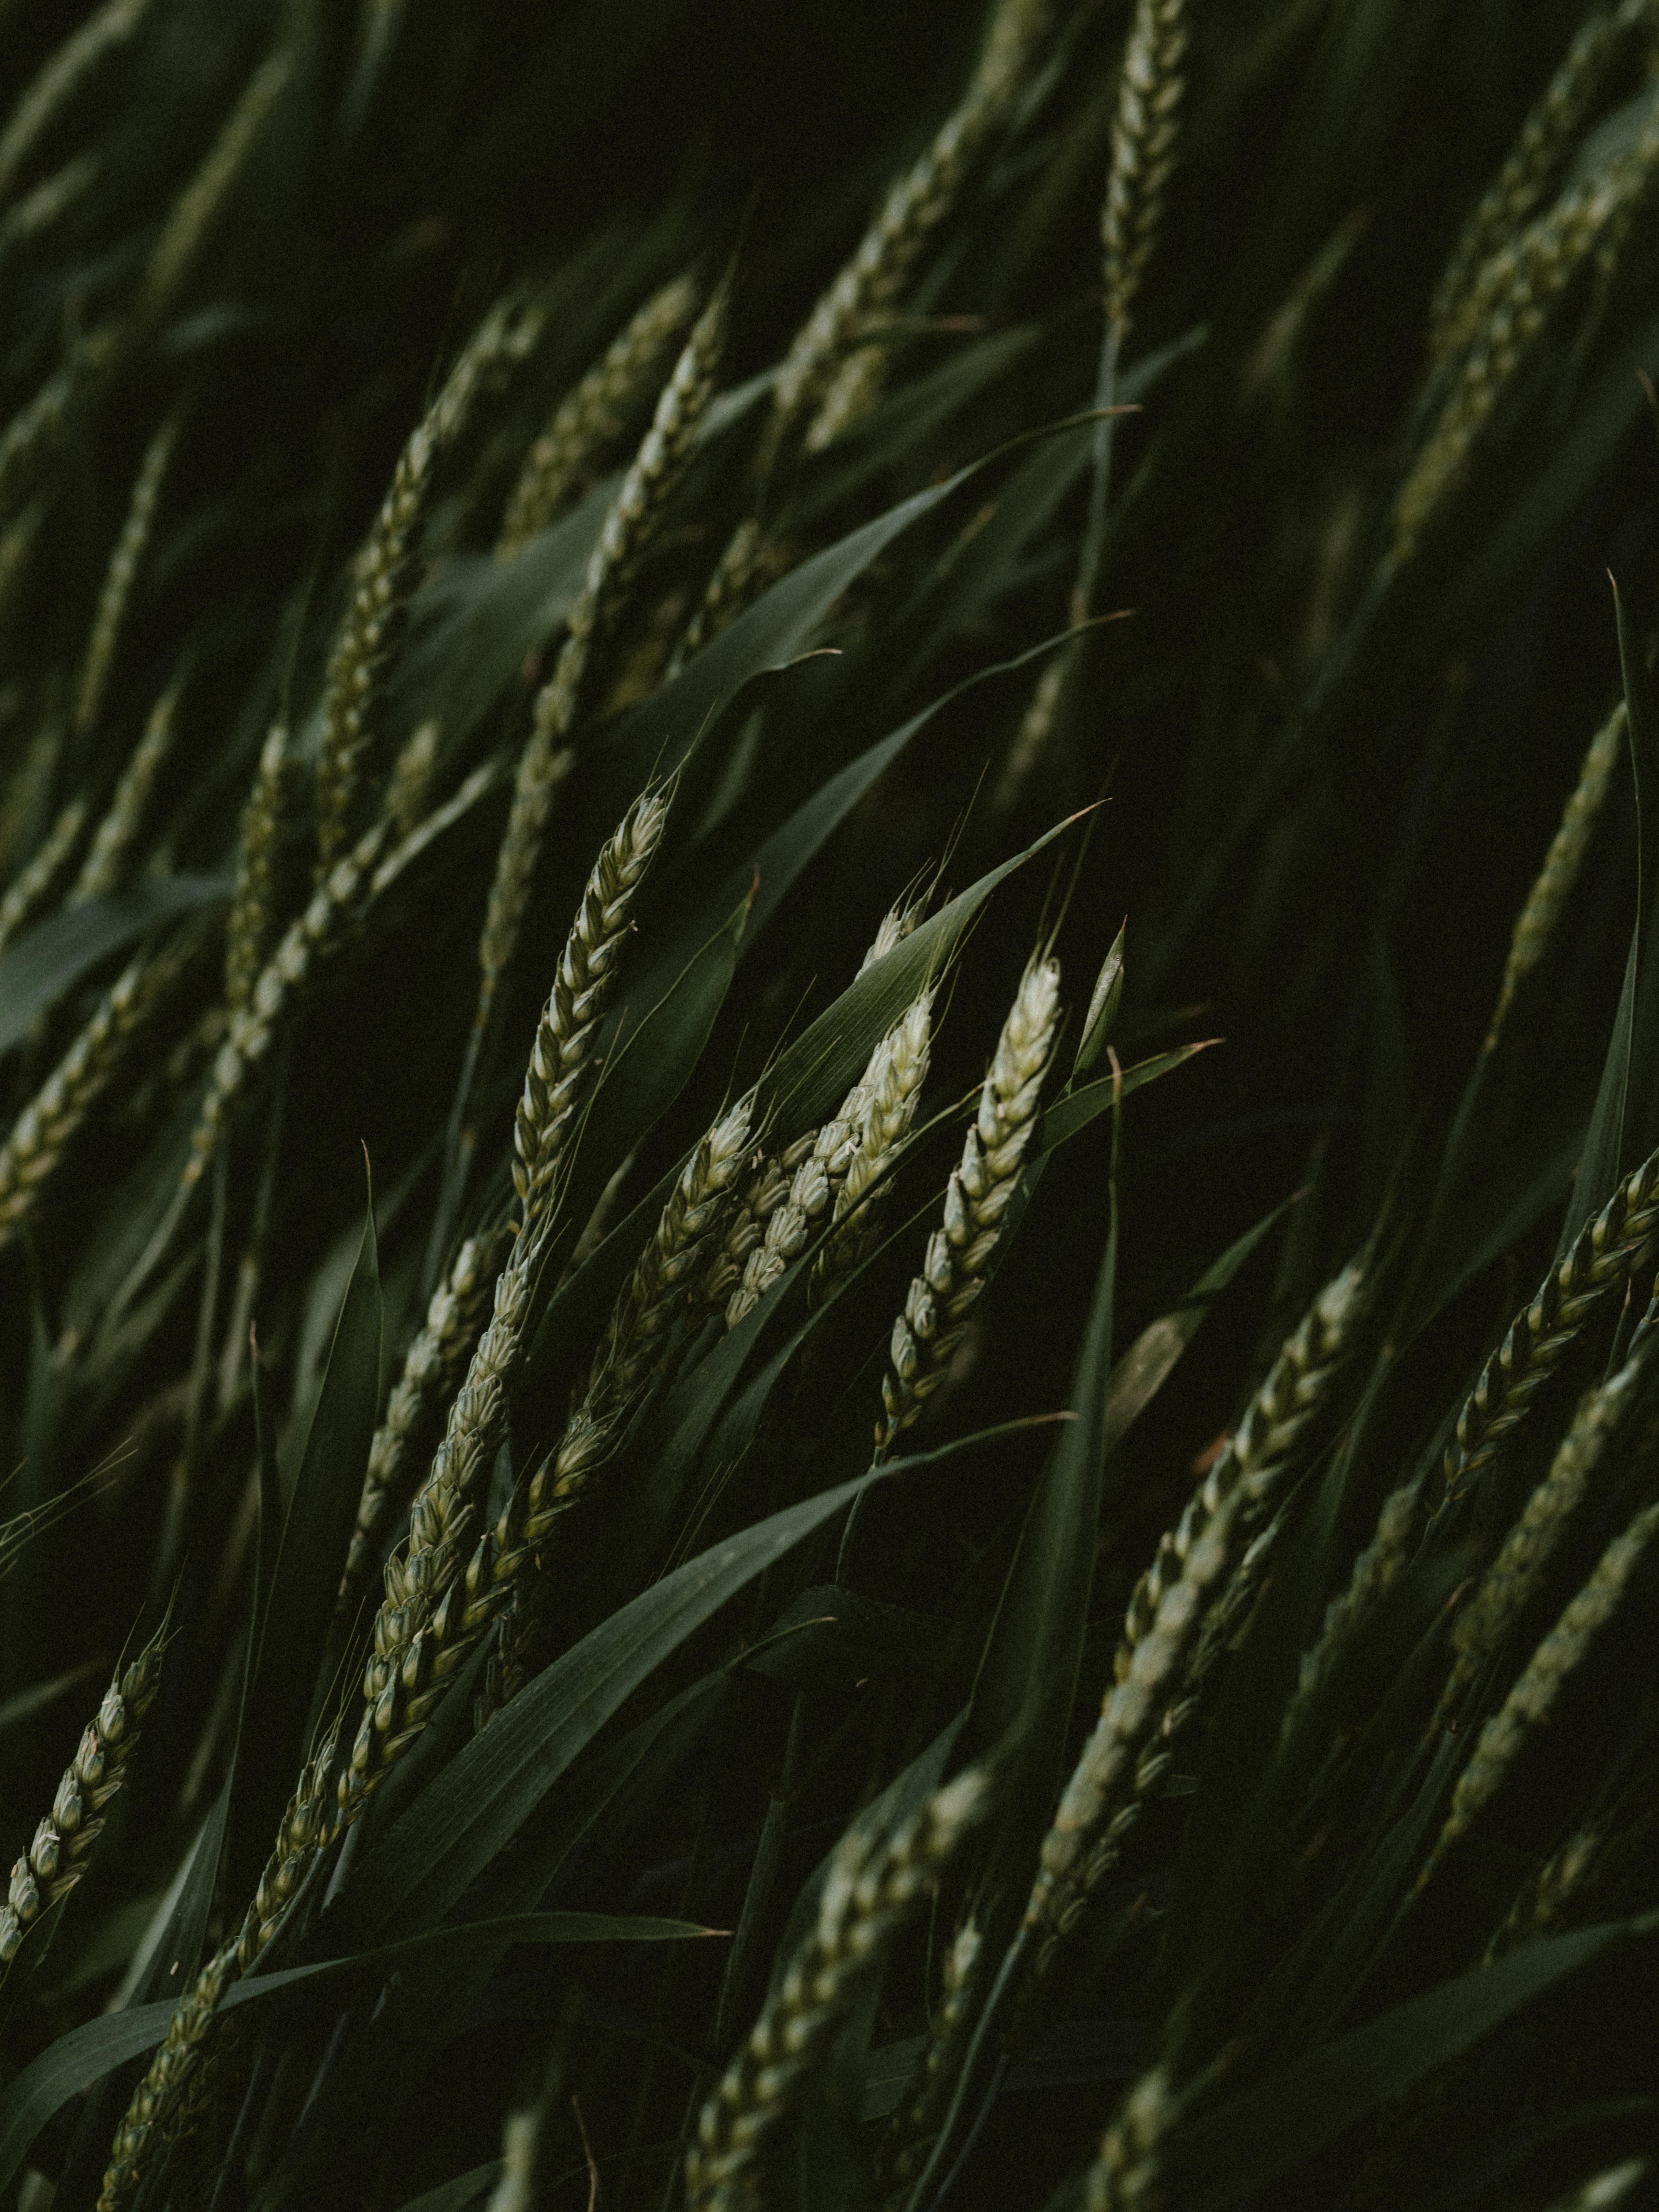 149351 скачать обои Макро, Колоски, Злаки, Зеленый, Темный, Растения, Пшеница - заставки и картинки бесплатно